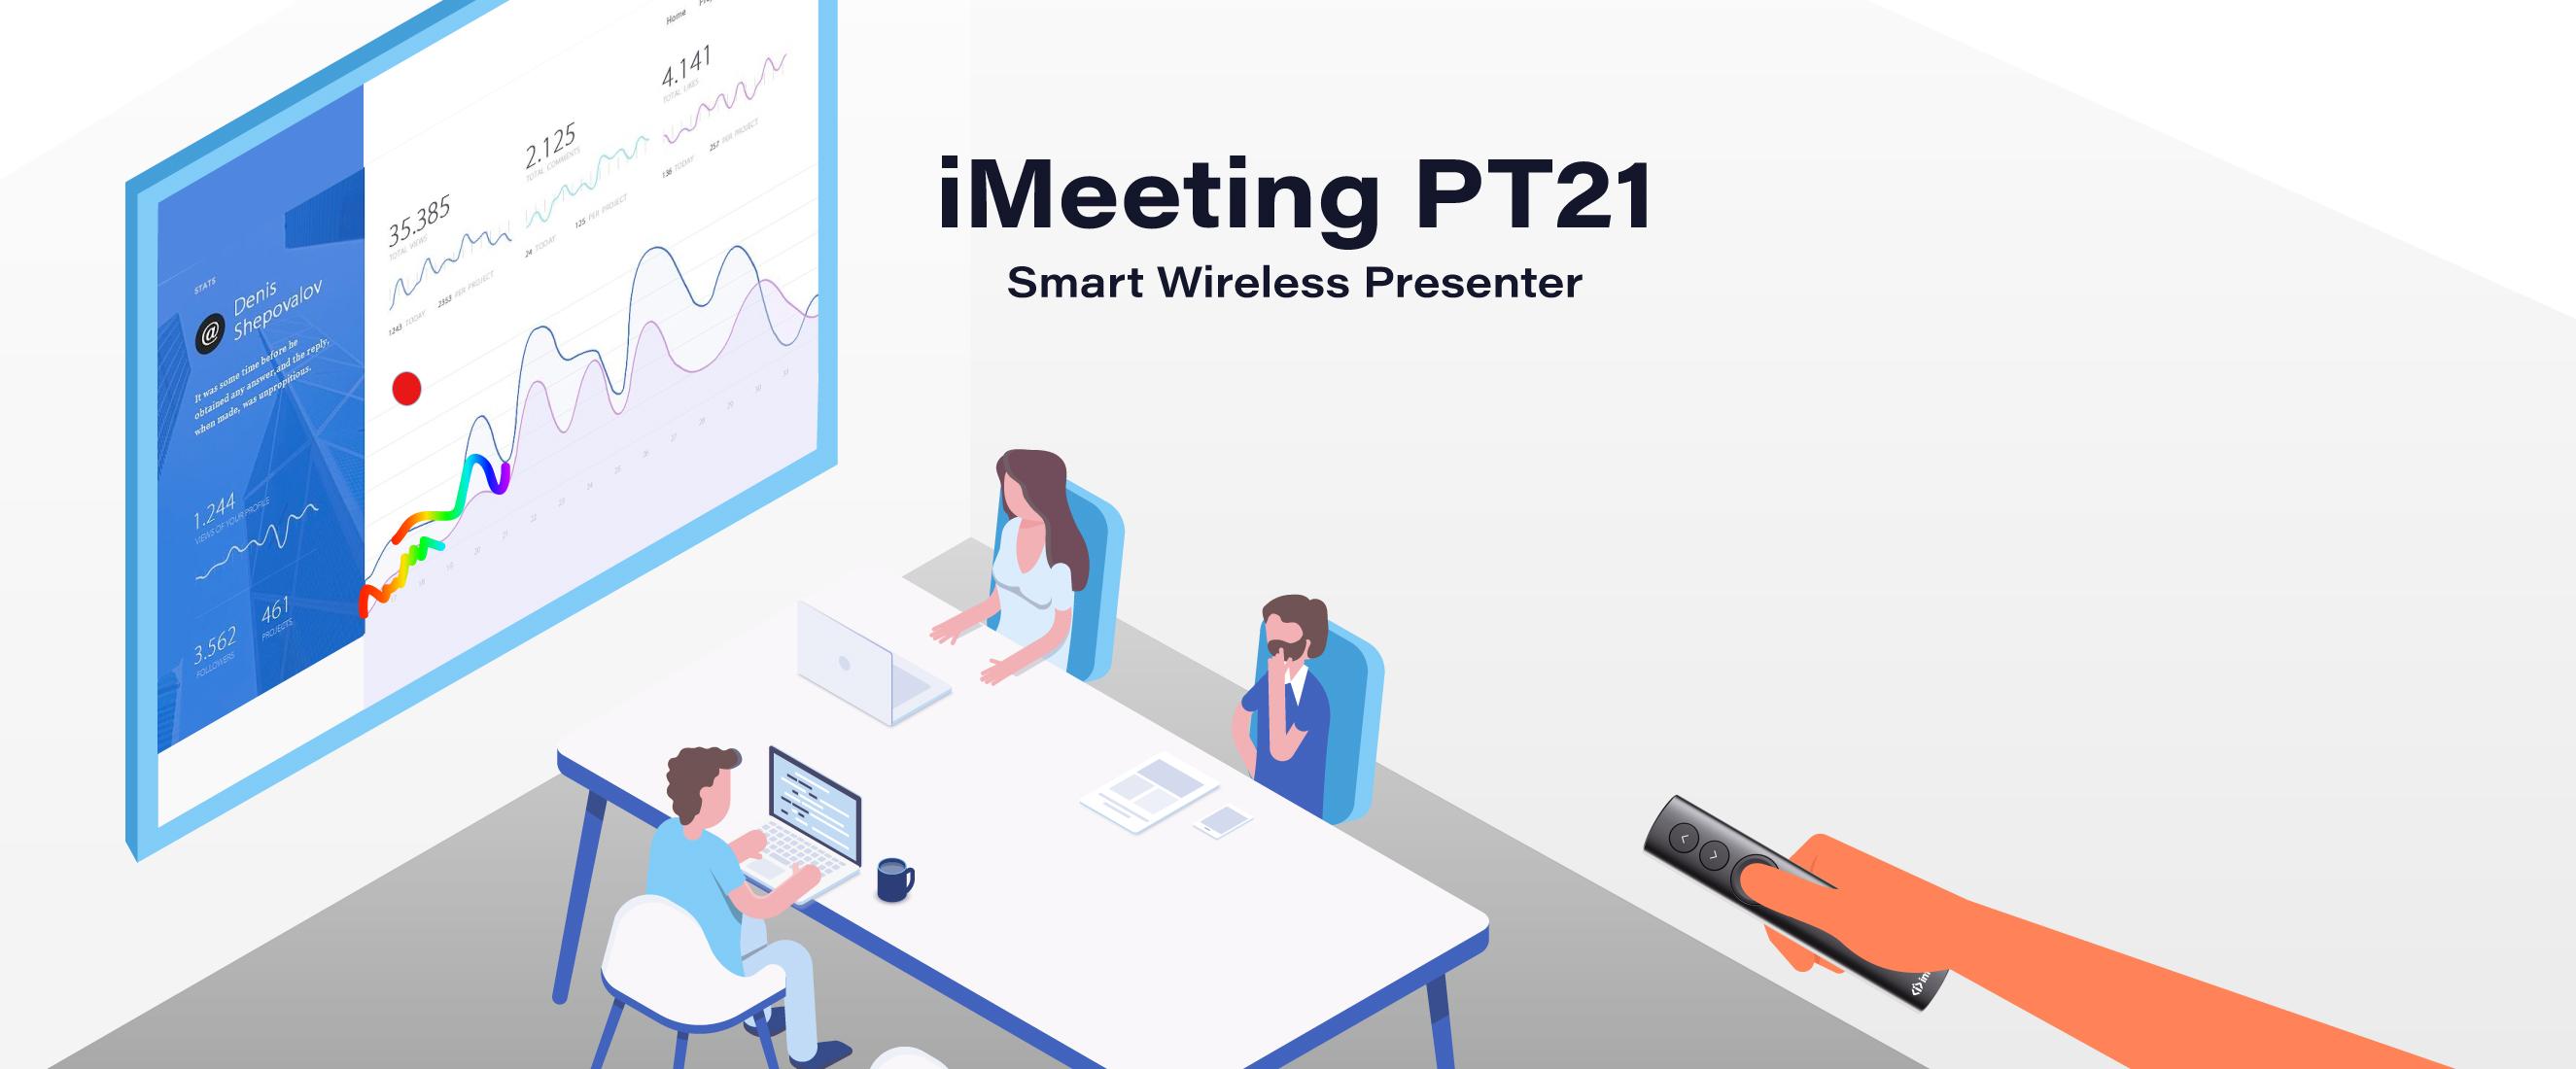 iMeeting PT21 Spotlight